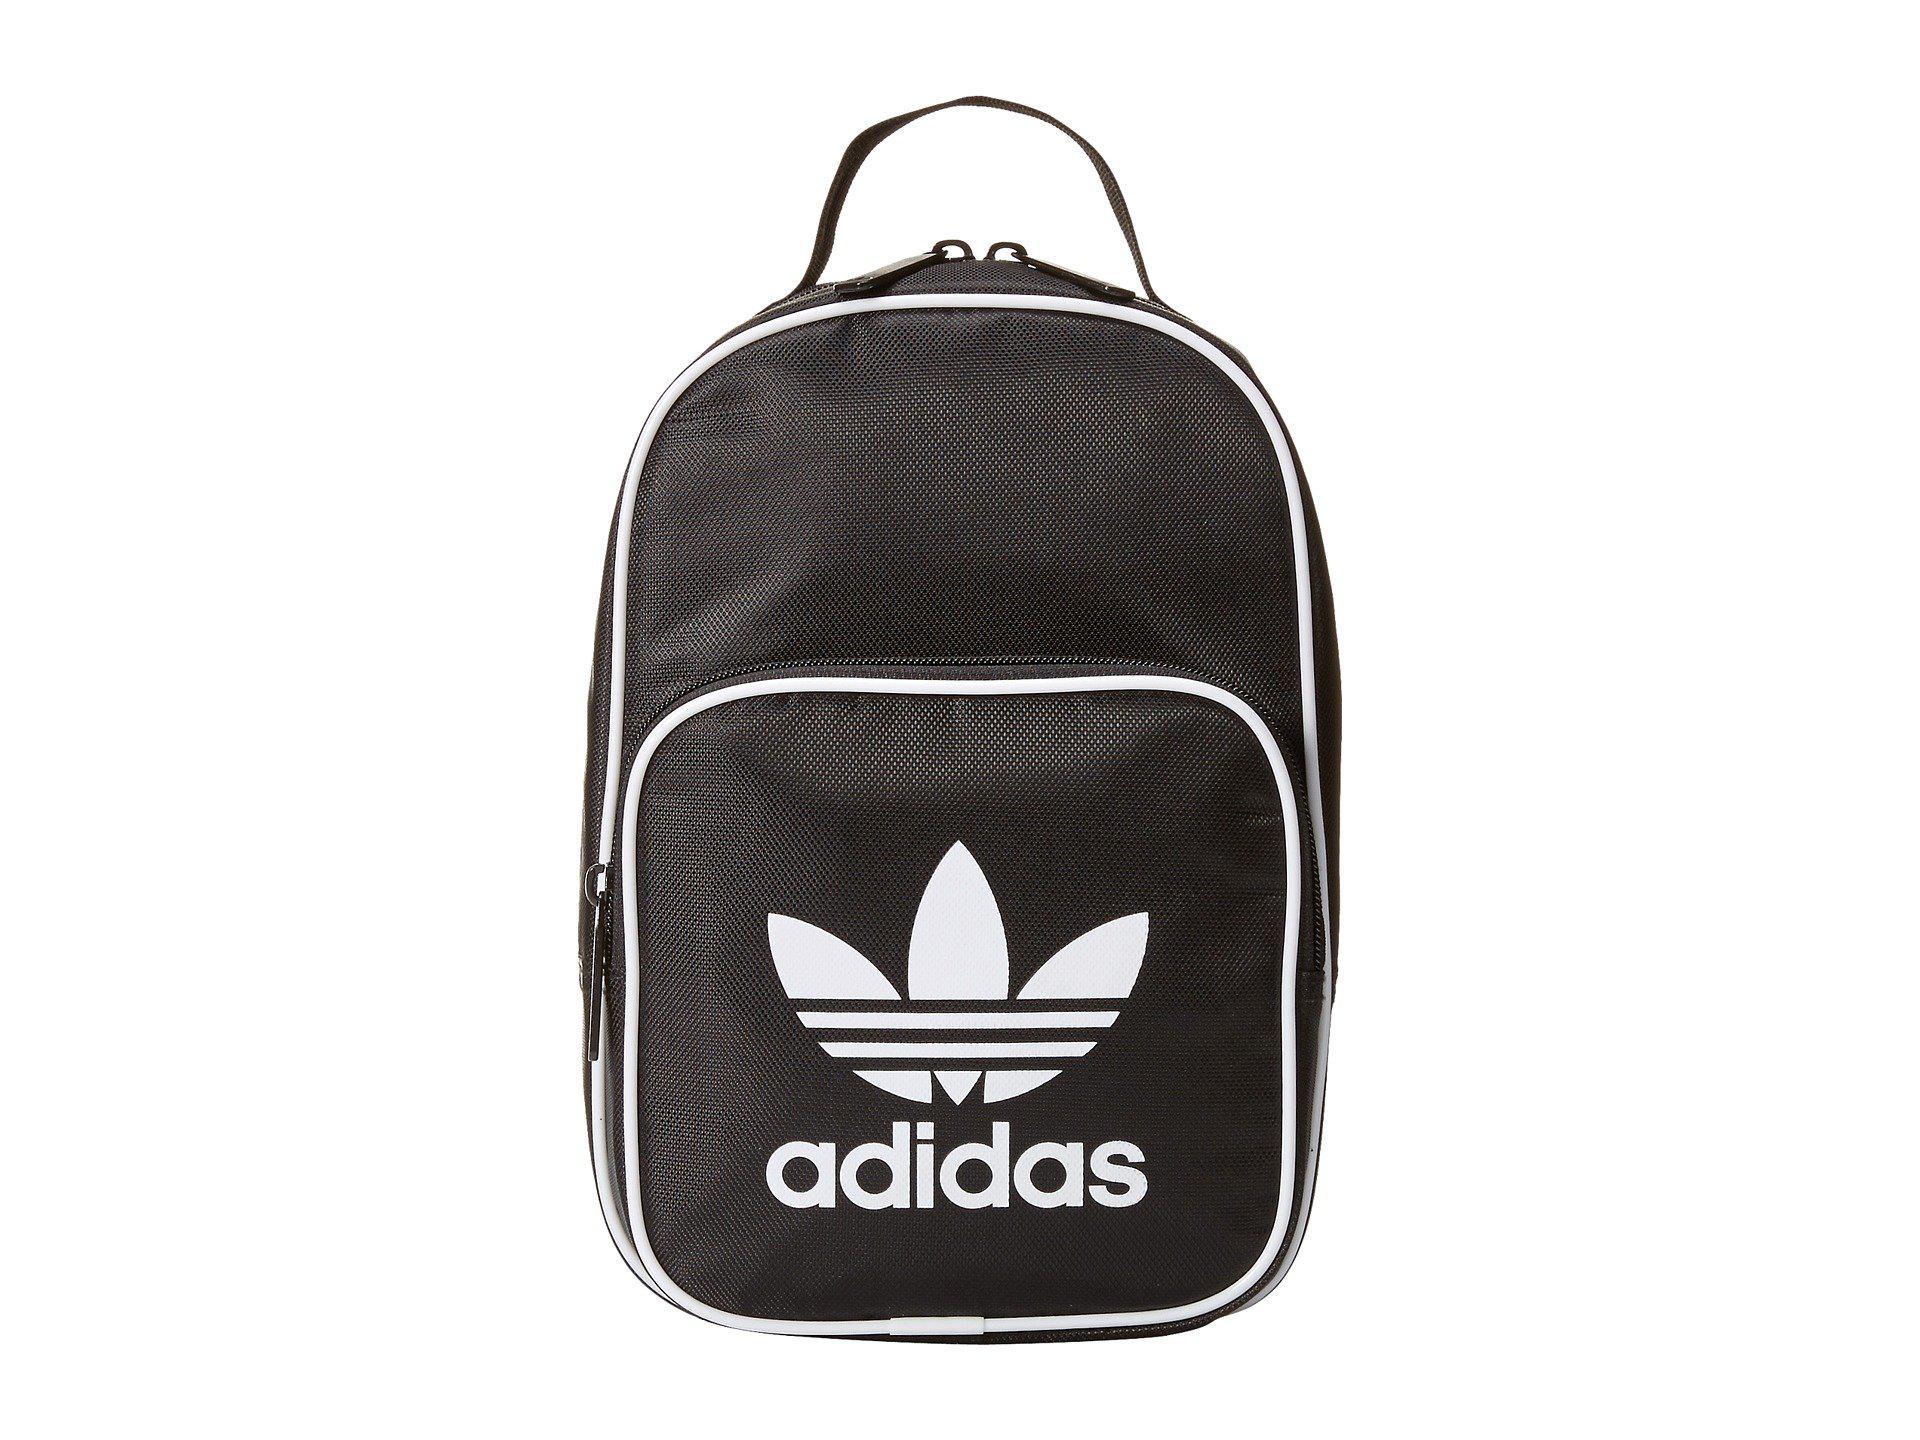 521bc0b7ae adidas Originals. Men s Black Originals Santiago Lunch Bag (collegiate  Burgundy white) Bags